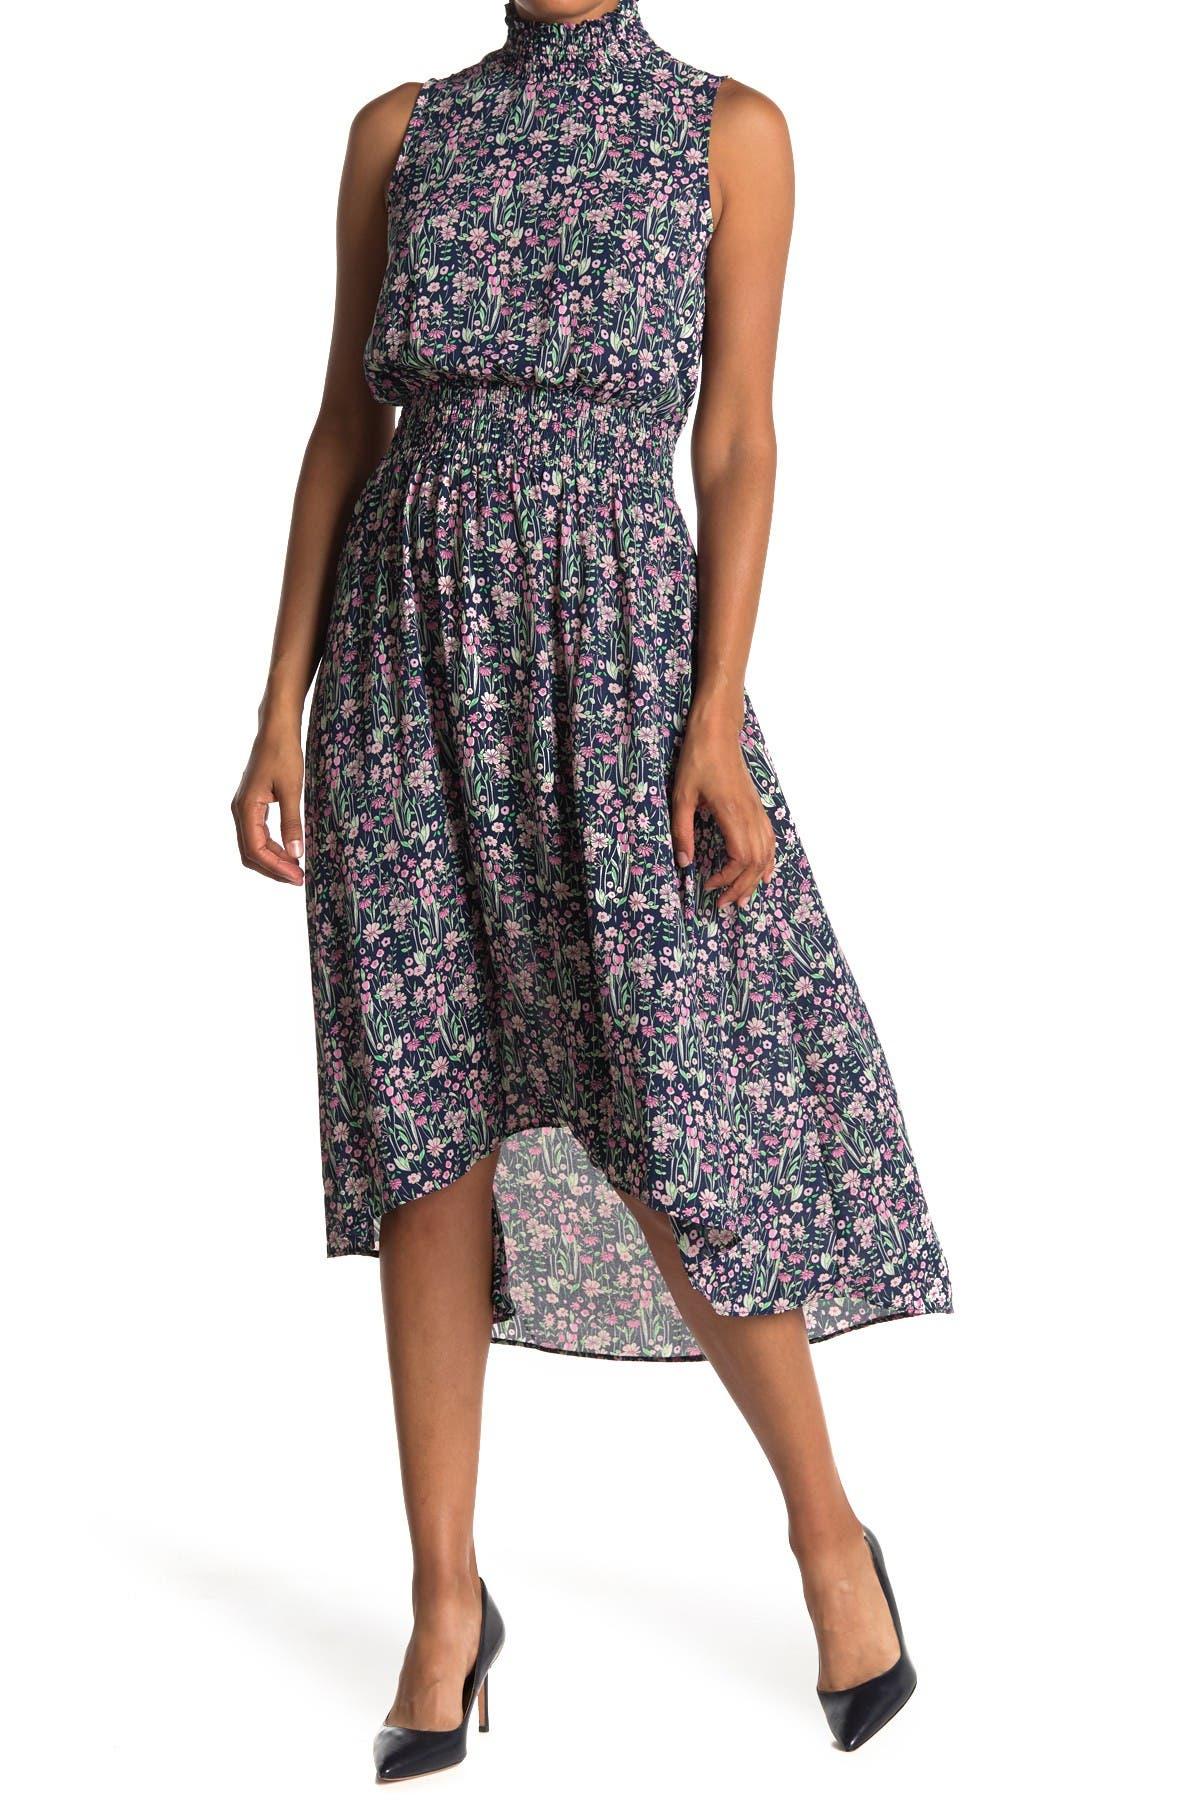 Image of NANETTE nanette lepore Sleeveless High/Low Midi Dress